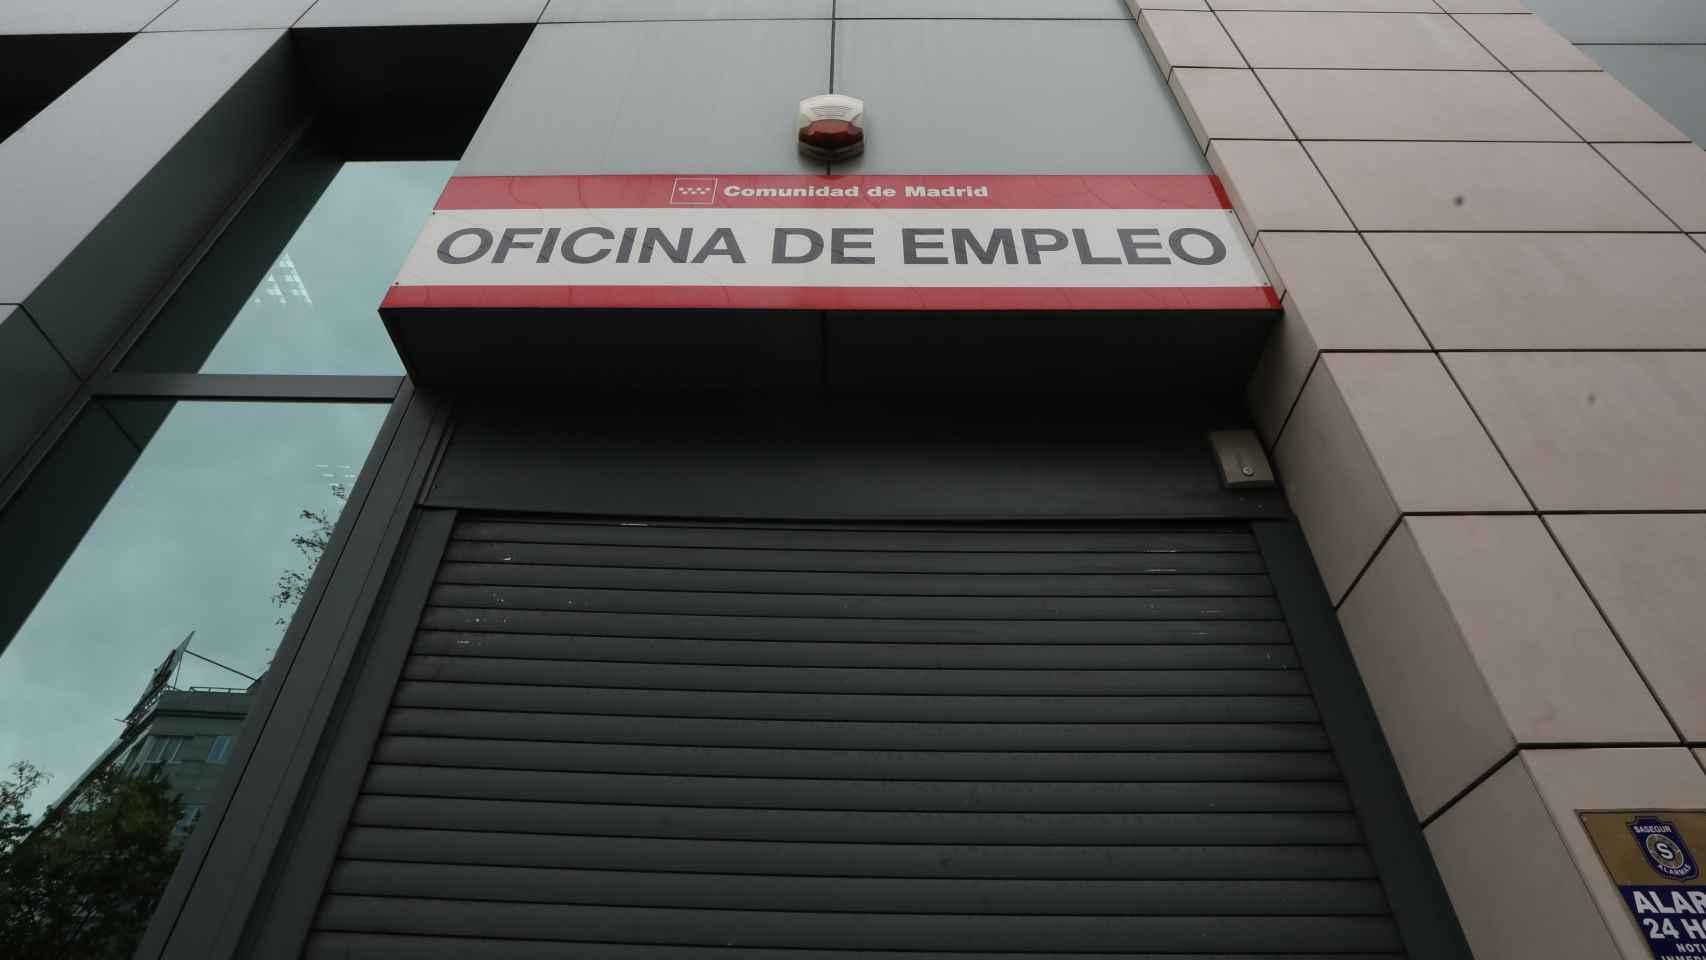 Una oficina de empleo de la Comunidad de Madrid, en una imagen de archivo.